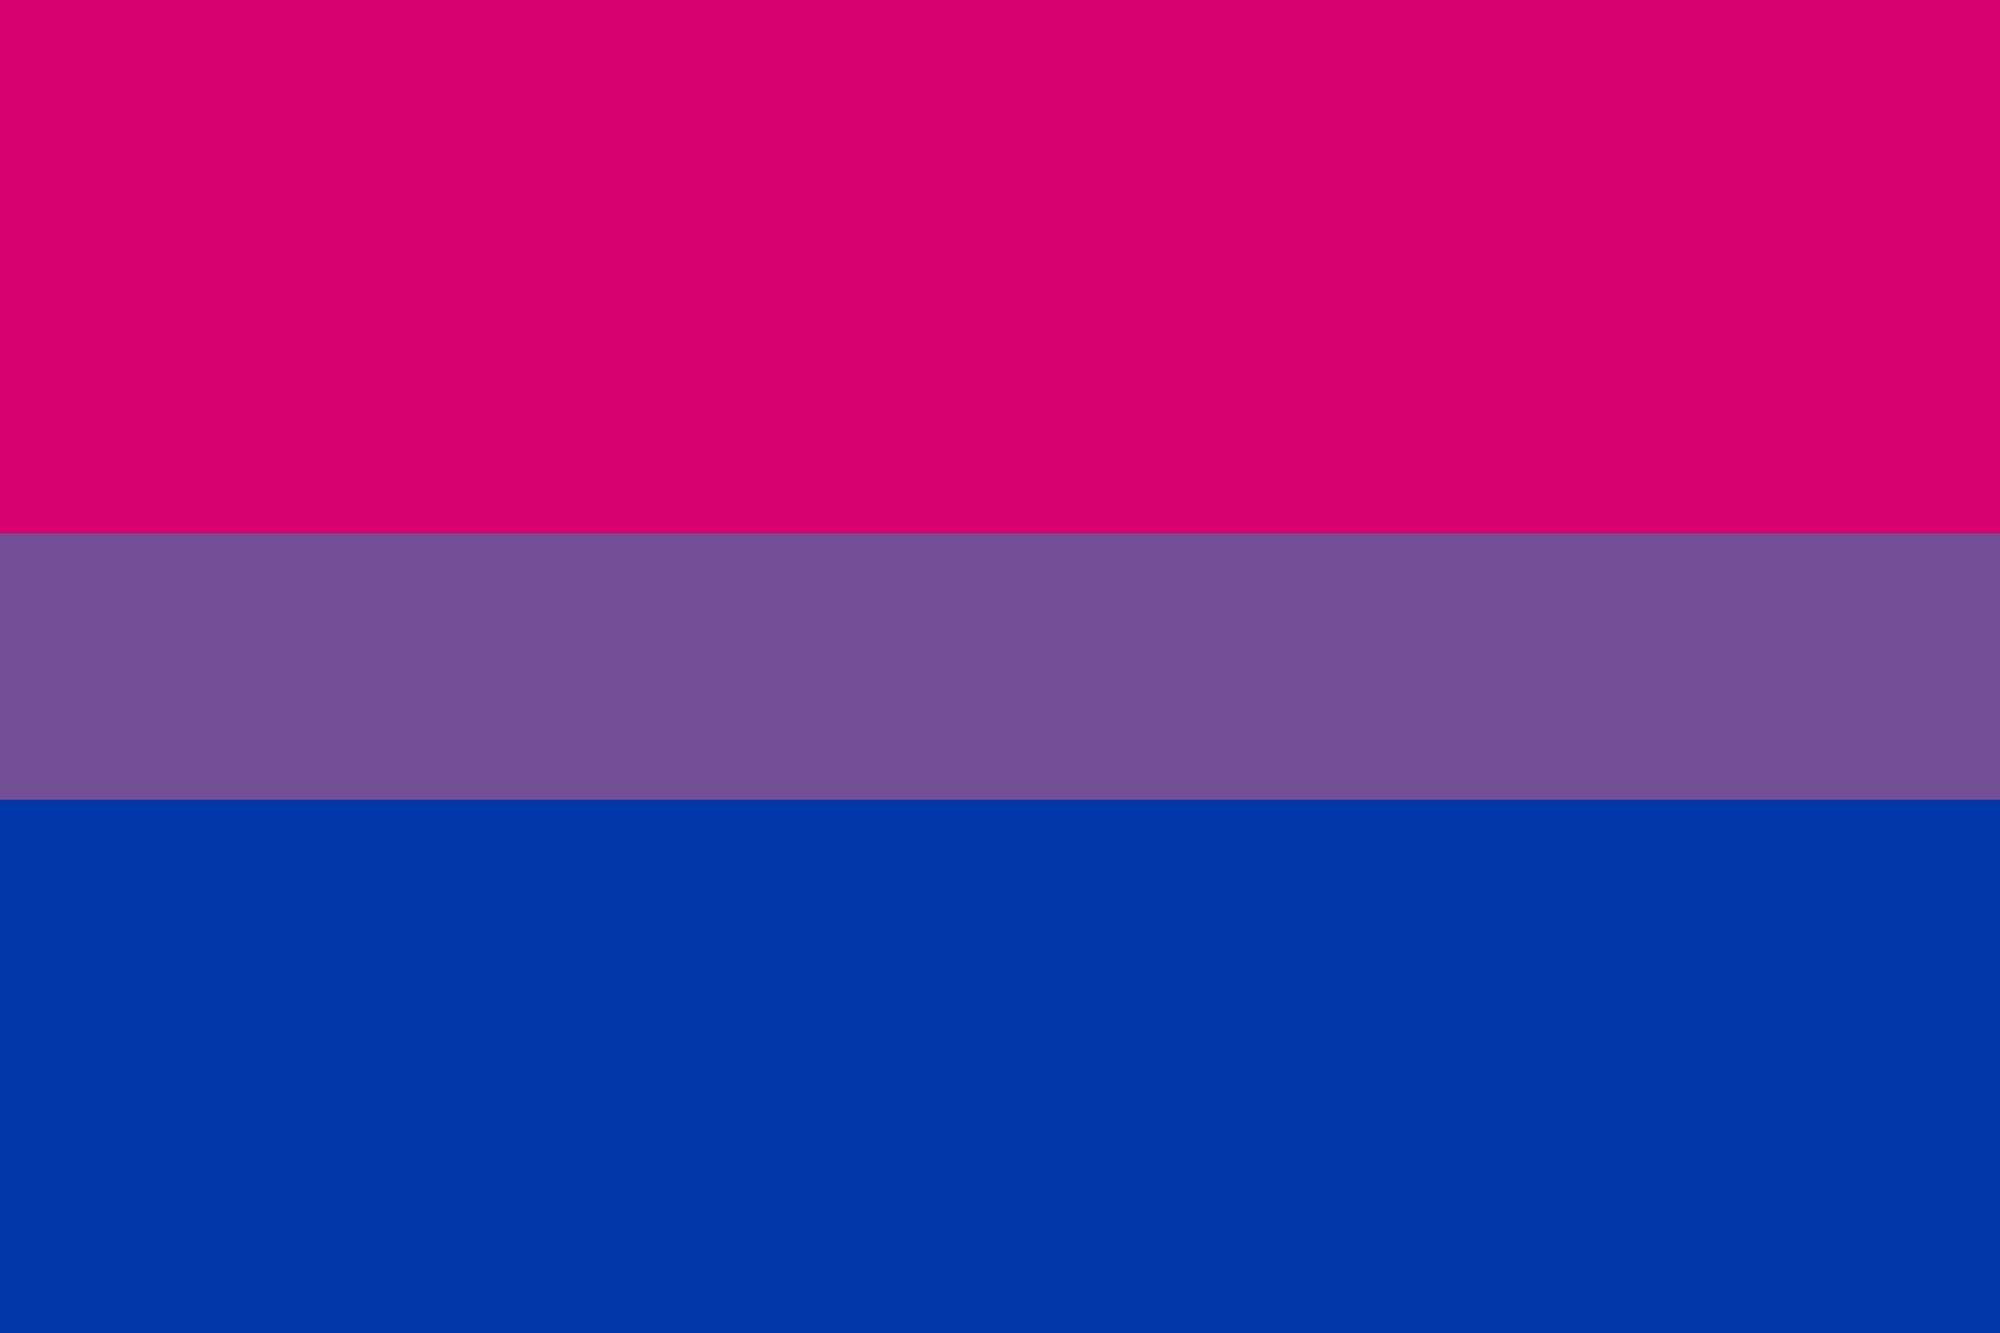 2013-09-19-bisexual-bisexual_pride_flag.jpg